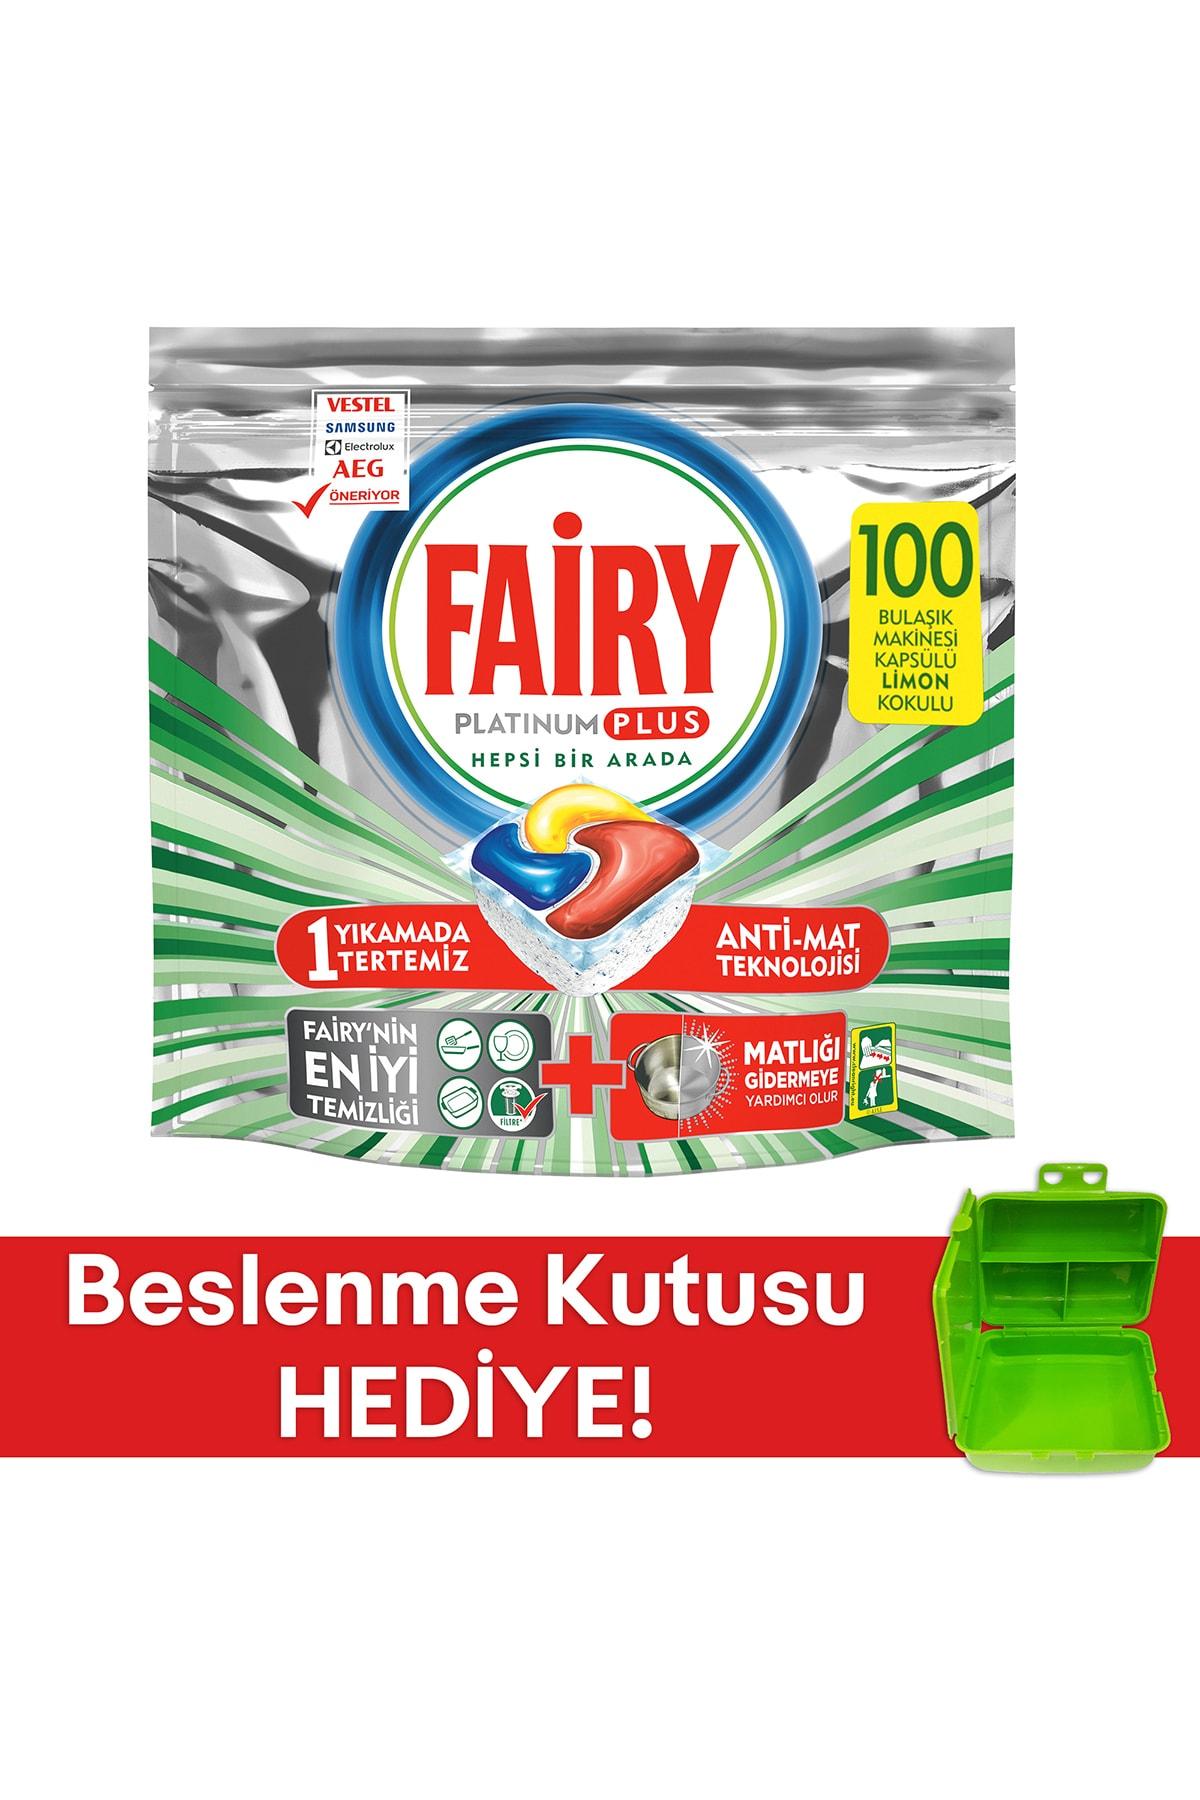 Fairy Platinum Plus 100 Yıkama Bulaşık Makinesi Kapsülü( Beslenme Kutusu Hediye)